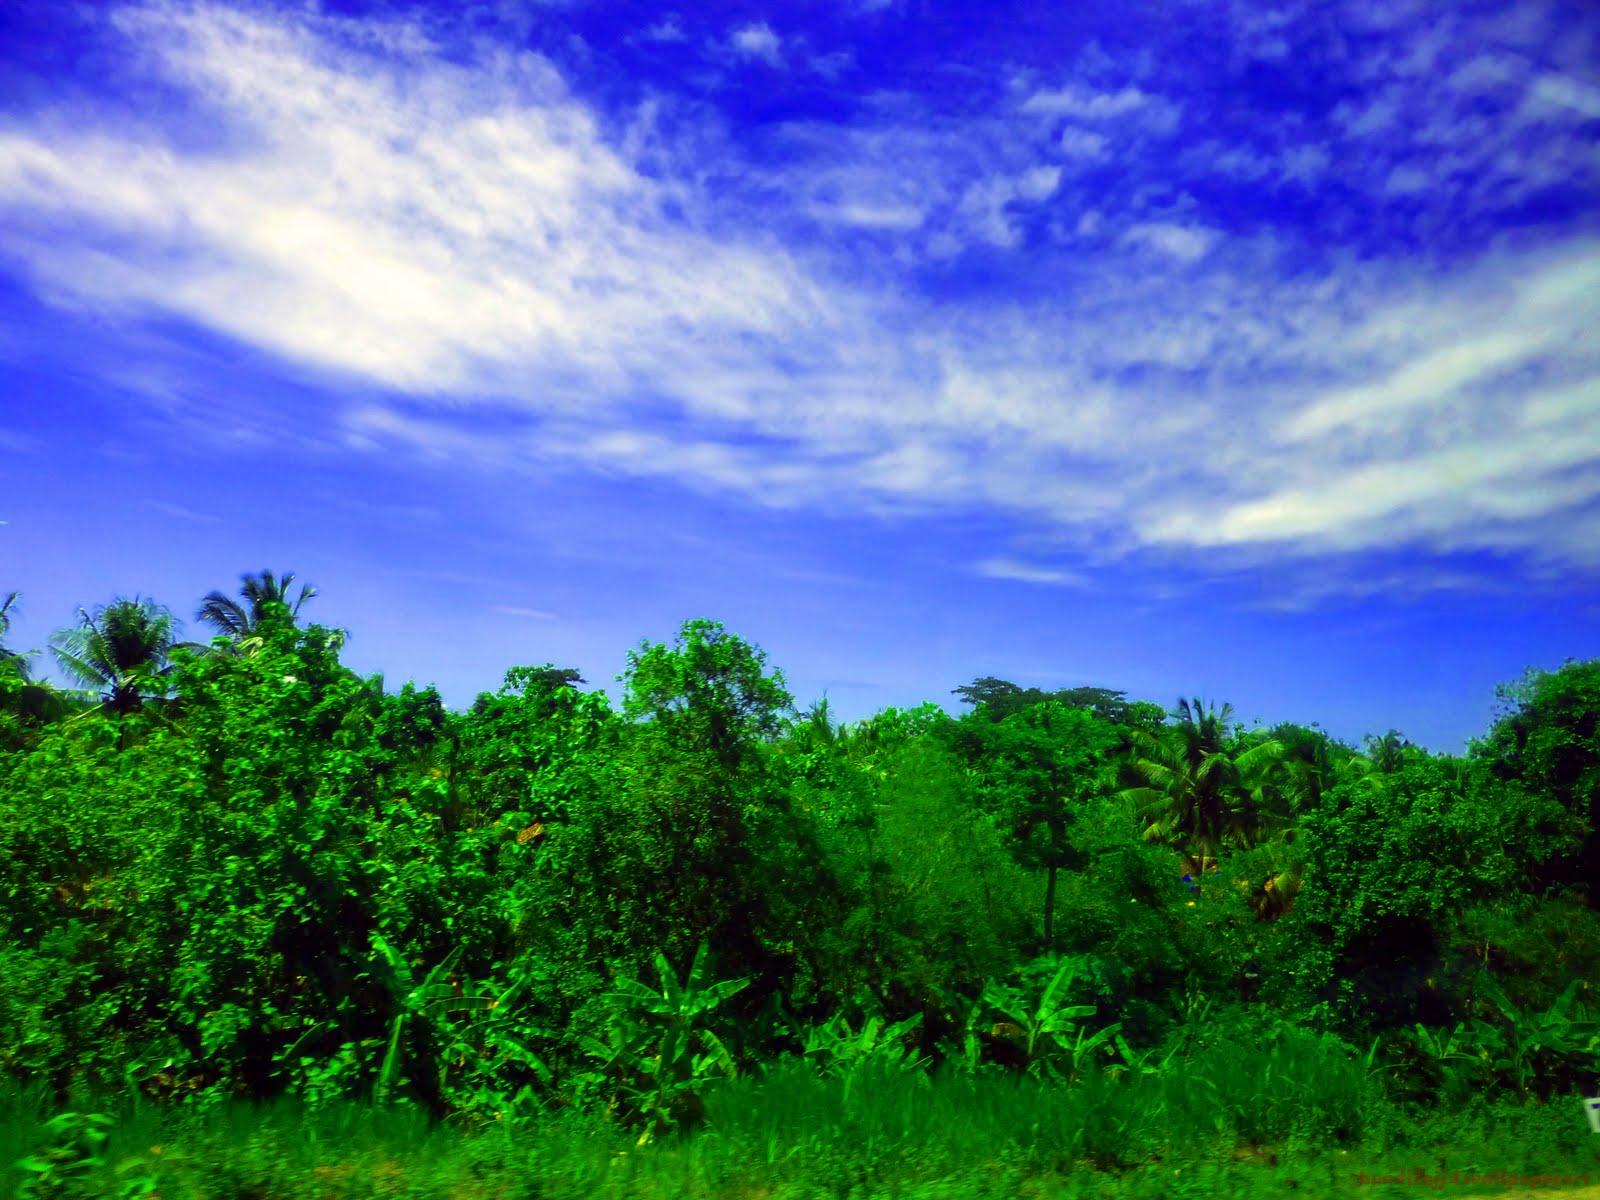 http://4.bp.blogspot.com/-LRS0A1nk244/Tvnx6_thBcI/AAAAAAAABIE/I-sVjJHX0BI/s1600/Green%2B-Forest-Blue-Sky-by-banditajj4wallpaperart.jpg